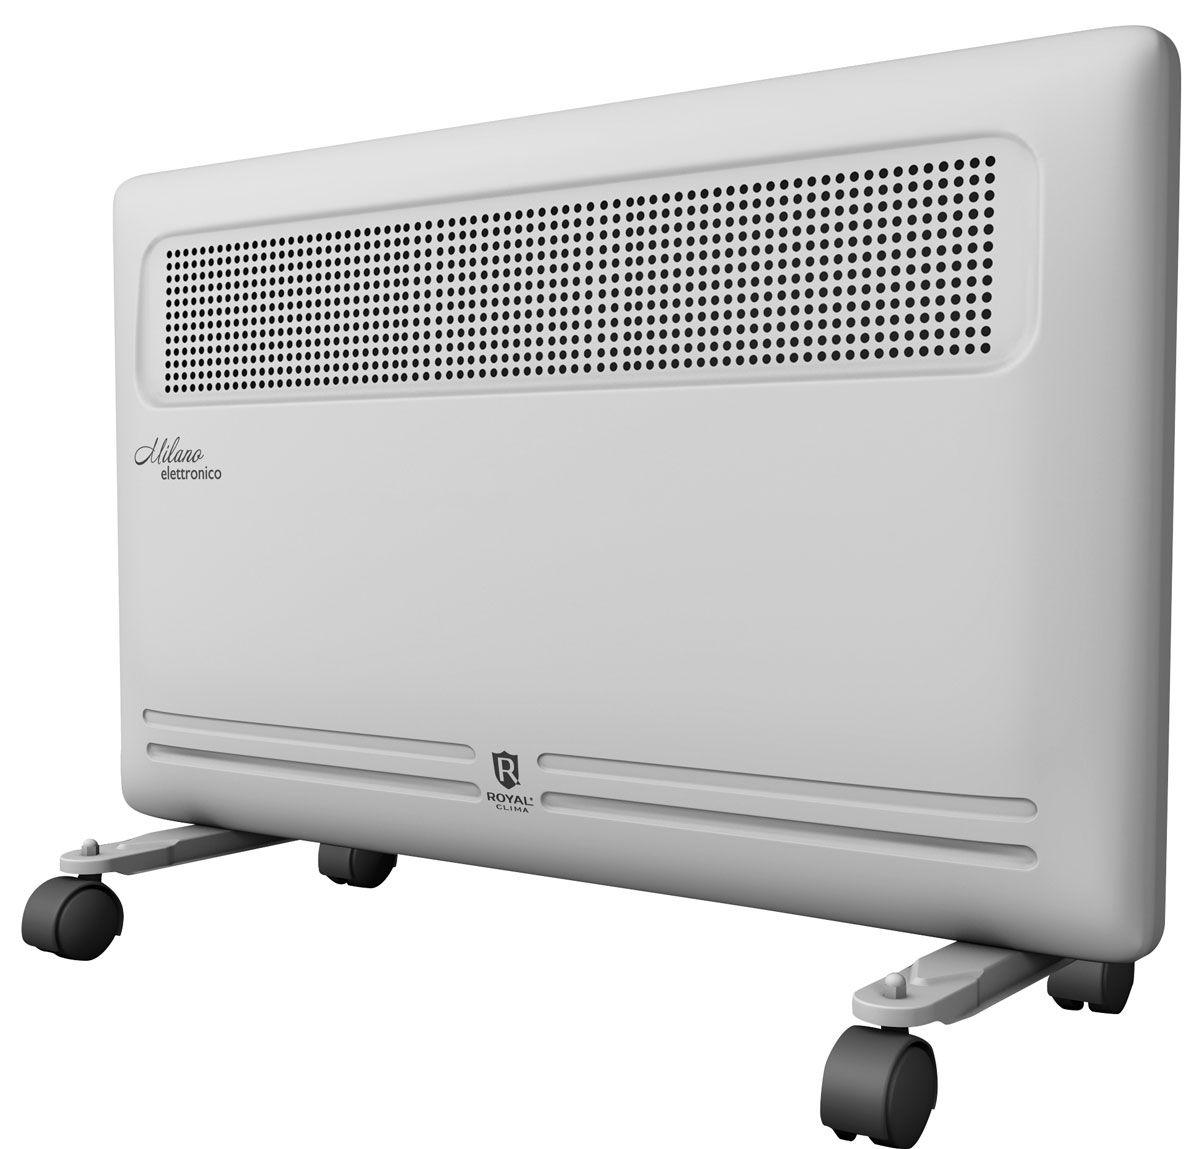 Royal Clima REC-M1500E электрический конвекторREC-M1500EЭлектрический конвектор Royal Clima REC-M1500E - воплощение продуманного подхода к обогреву помещения и эксплуатации бытового прибора.Конвекторы Milano обладают электронным высокоточным термостатом с возможностью установки желаемой температуры, расширенным набором опций и режимов, таких как ночной режим, таймер 24 часа, функцией ANTI Freeze, 2-мя режимами обогрева.Эксклюзивная конструкция воздухораздаточного отверстия увеличенной площади обеспечивает равномерный прогрев всего помещения. Высокая эффективность работы конвектора достигается благодаря литому алюминиевому нагревательному X-элементу X-ROYAL Long Life Heater с повышенным сроком службы до 25 лет.ОСНОВНЫЕ ХАРАКТЕРИСТИКИ-Высокоэффективный литой алюминиевый нагревательный Х-элемент X-ROYAL Long Life Heater-Увеличенная площадь теплообмена и сниженная температура поверхности -Повышенный срок службы до 25 лет -Высокая эффективность распределения тепла: 85% - эффект конвекции и 15% - эффект теплового излучения в помещении-Мгновенный разогрев за 10-20 секунд-Защита от пересушивания воздуха и выжигания кислорода -Равномерный прогрев помещения благодаря эксклюзивной конструкции воздухораздаточного отверстия увеличенной площади-Высокоточный электронный термостат для настройки и поддержания желаемой температуры в помещении-2 режима нагрева воздуха -Таймер, а также ночной режим работы-Функция антизамерзания ANTI Freeze-Система безопасной эксплуатации Security Project -Защита от перегрева -Защита от опрокидывания-Отсутствие острых углов-Универсальная настенная и напольная установка -Мобильные ролики с функцией фиксации в комплекте -Высококачественное порошковое покрытие, устойчивое к царапинам и выцветанию -Классический дизайн и эргономичная конструкция впишется в любой интерьер